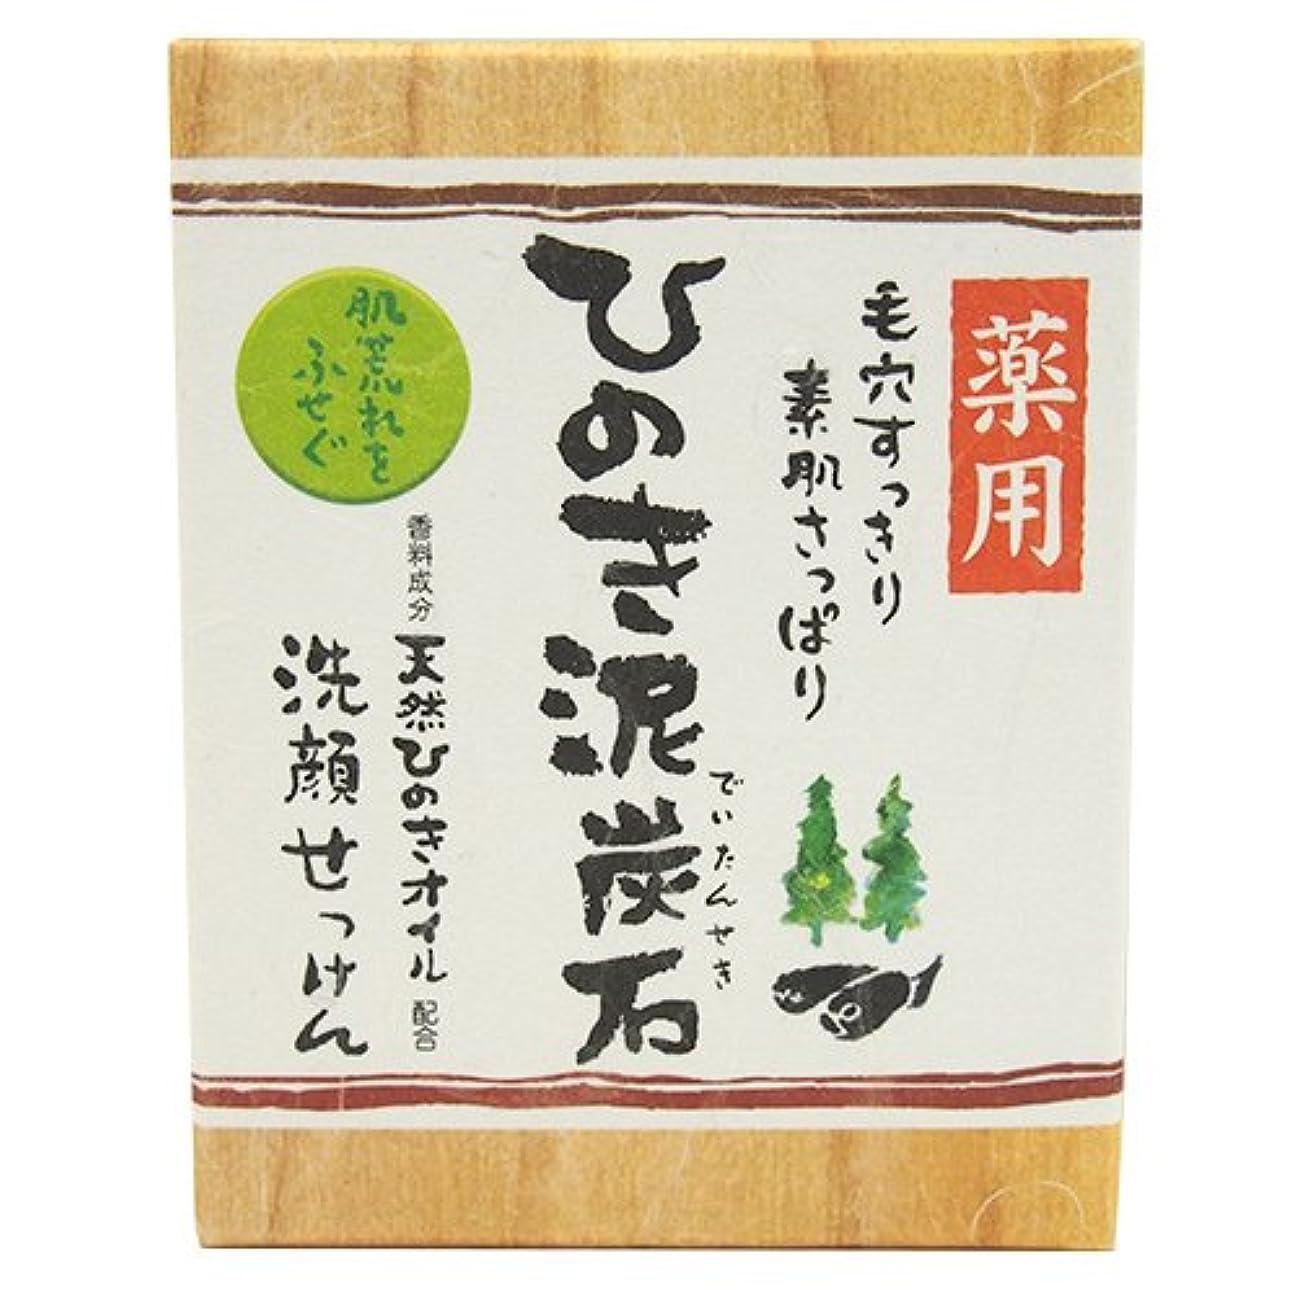 スローガン誘うコーナー東京宝 薬用ひのき泥炭石 すっきり黒タイプ 洗顔石鹸 75g